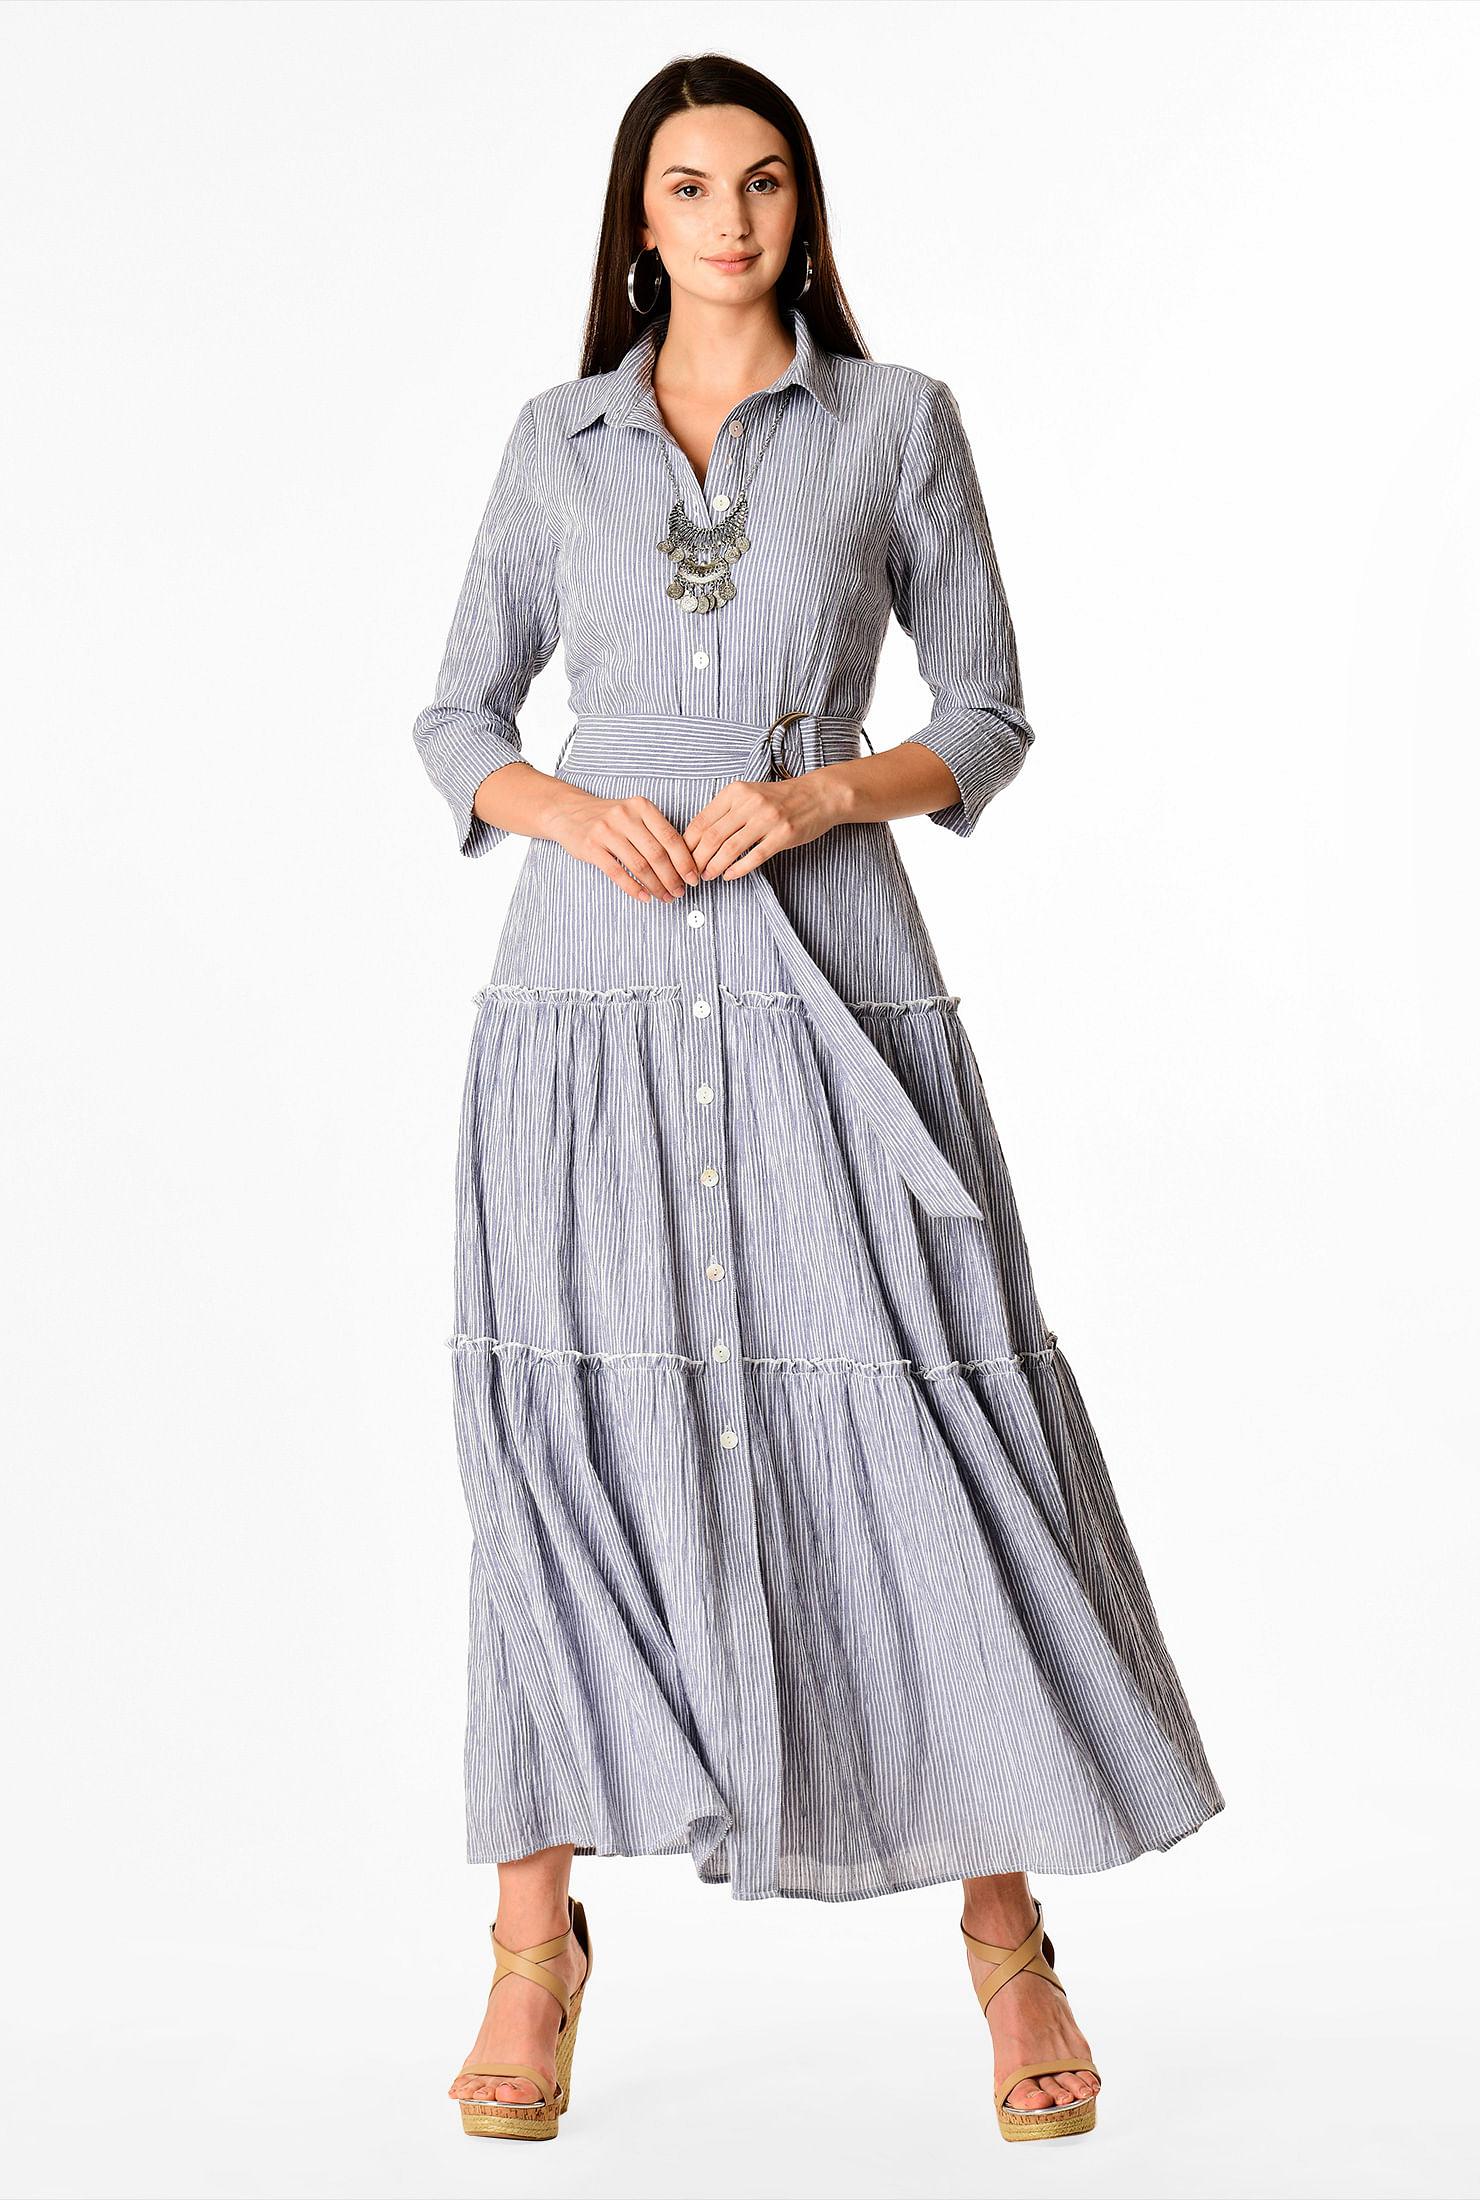 Super Stripe cotton gauze tier maxi shirtdress - Women's Clothing 0-36W PF-32